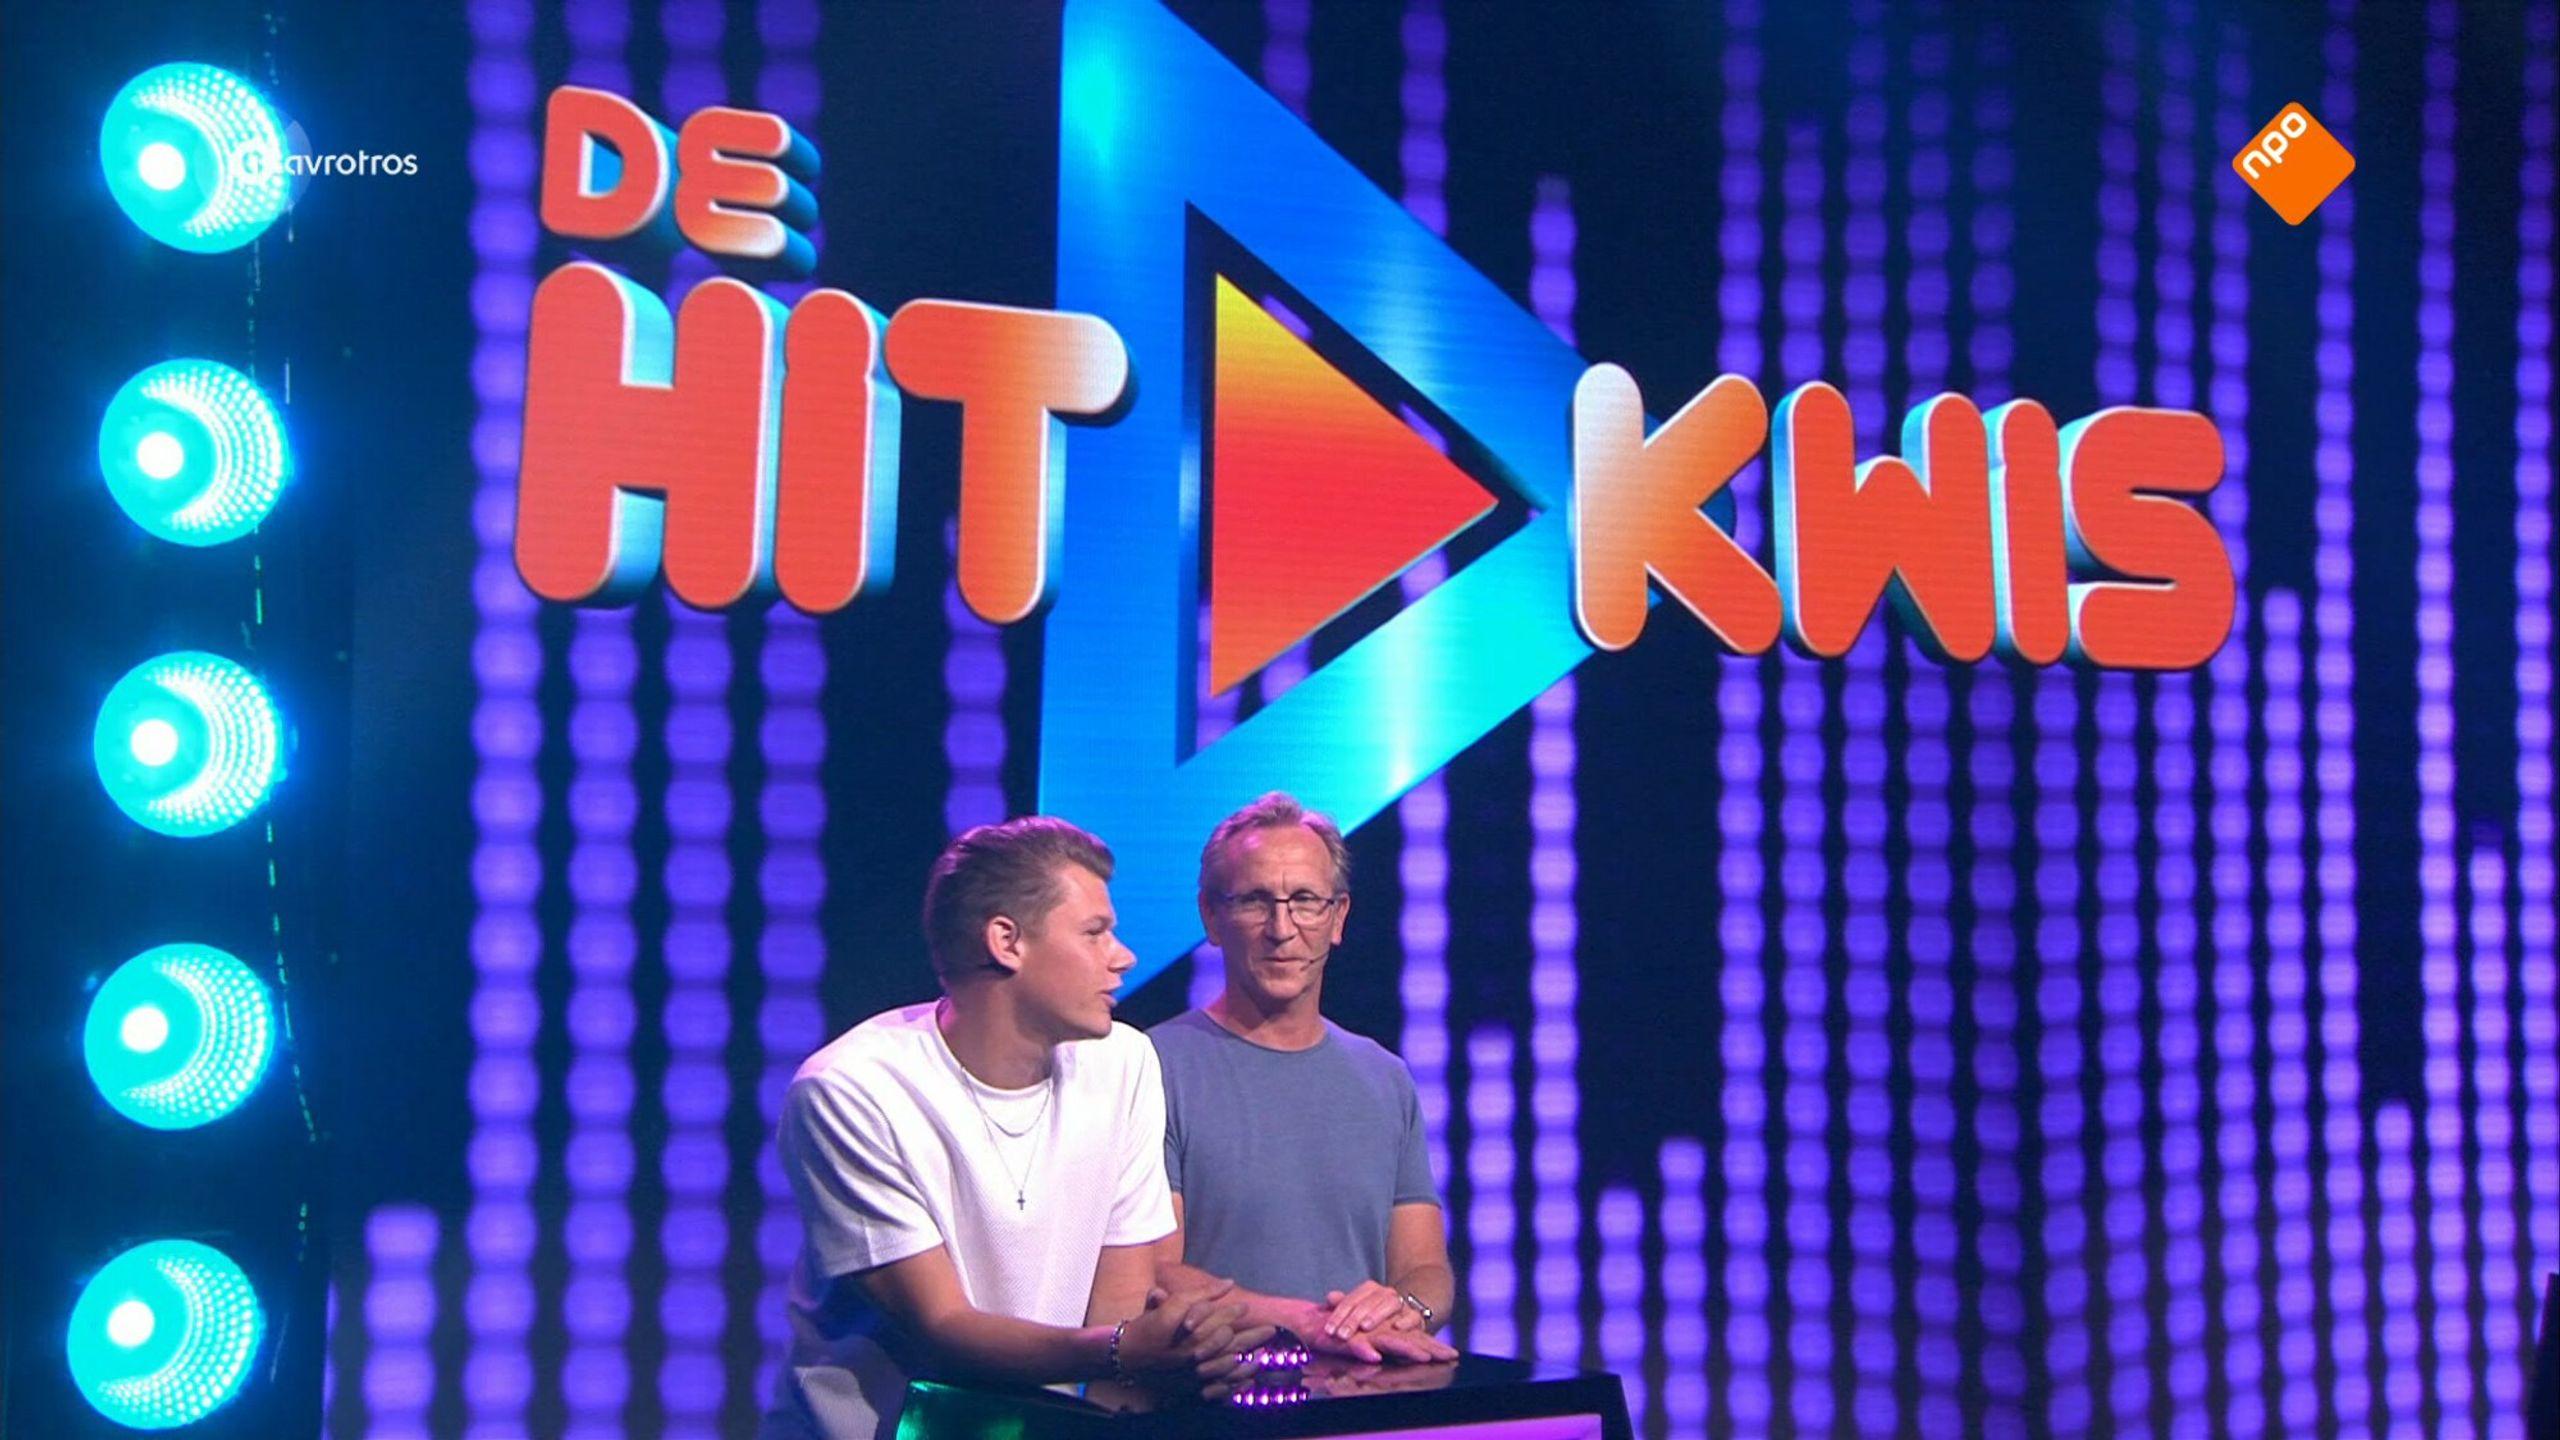 De Hit Kwis